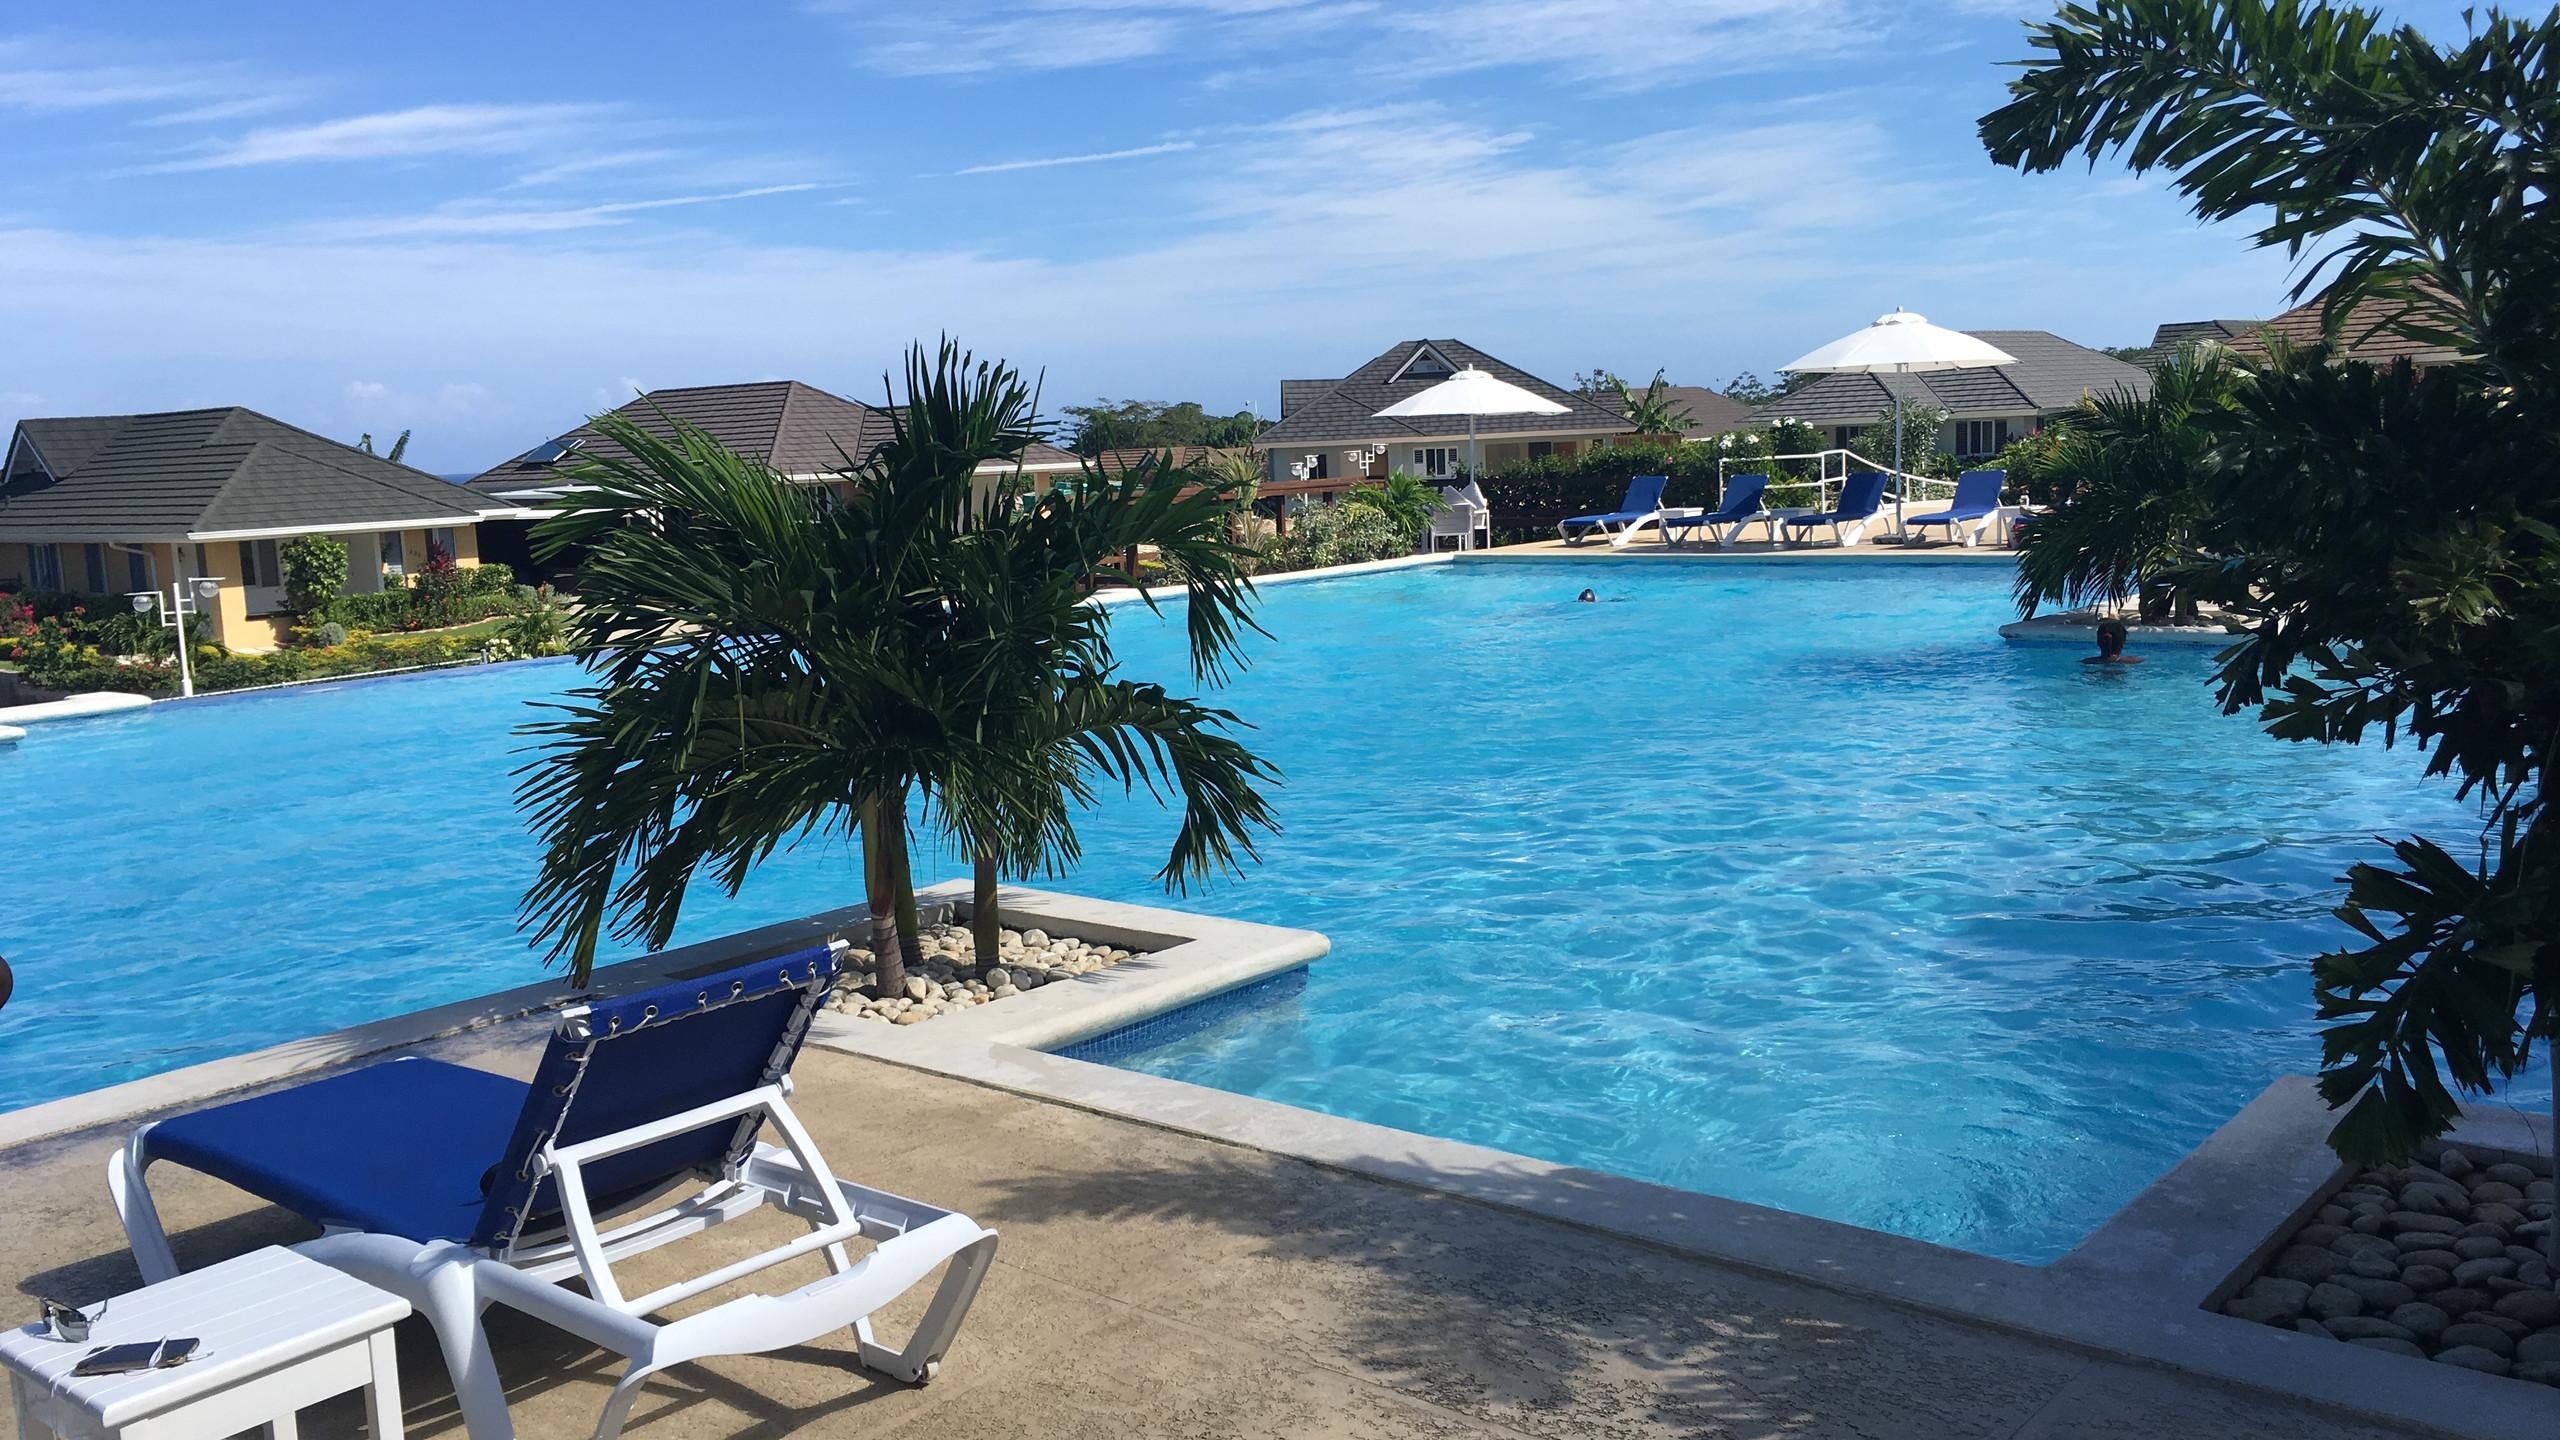 Coolshade pool